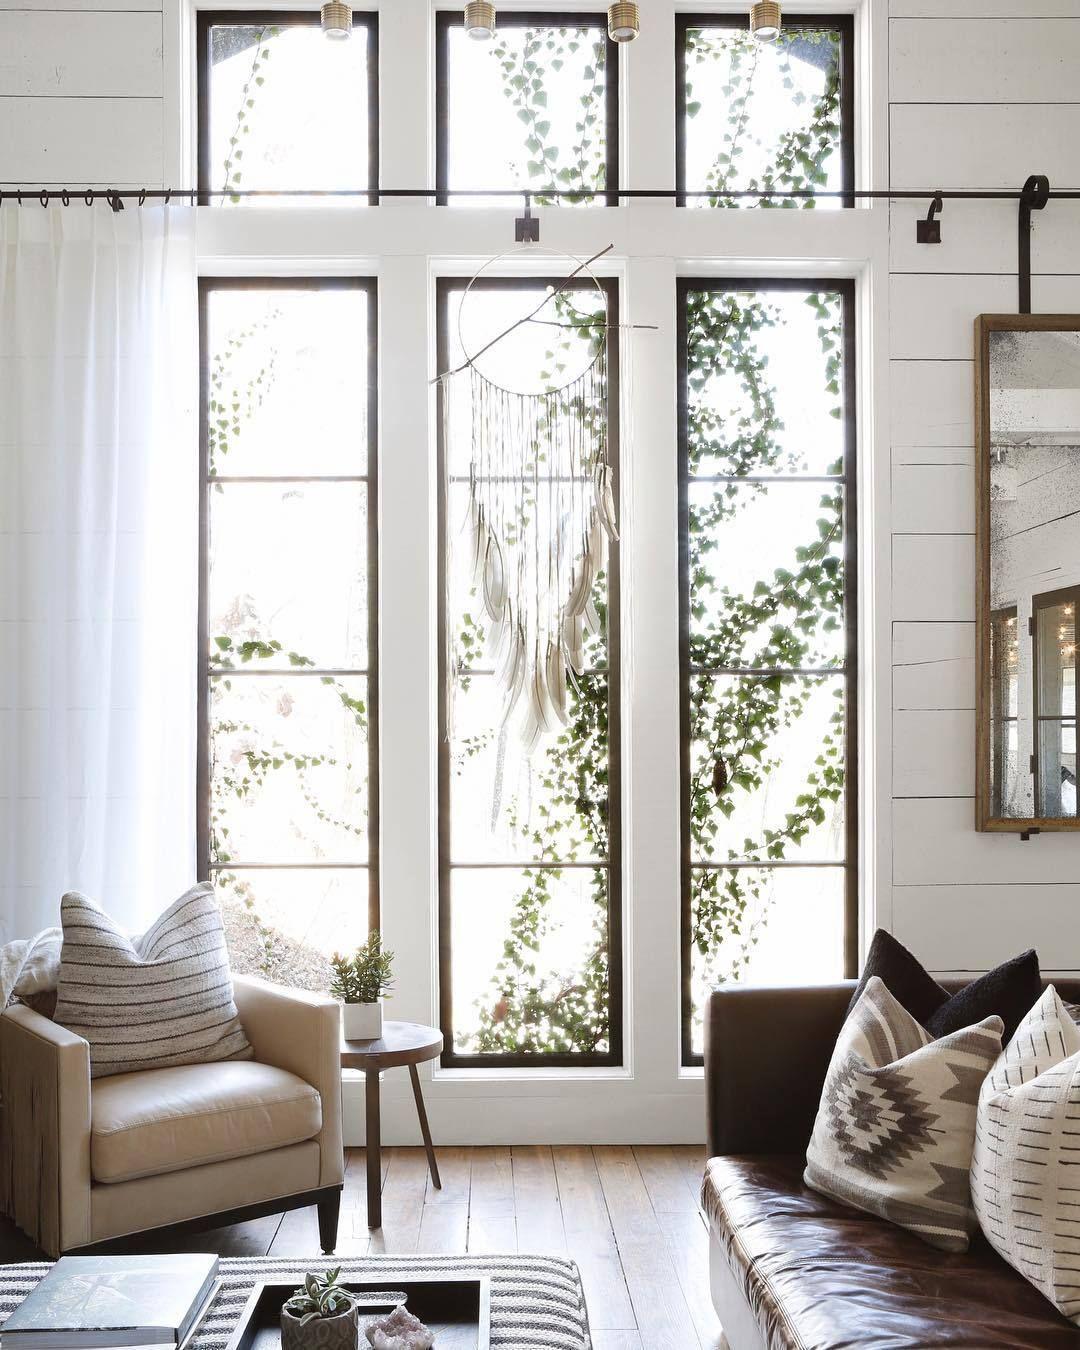 Apriltomlininteriors Floor To Ceiling Windows House Interior